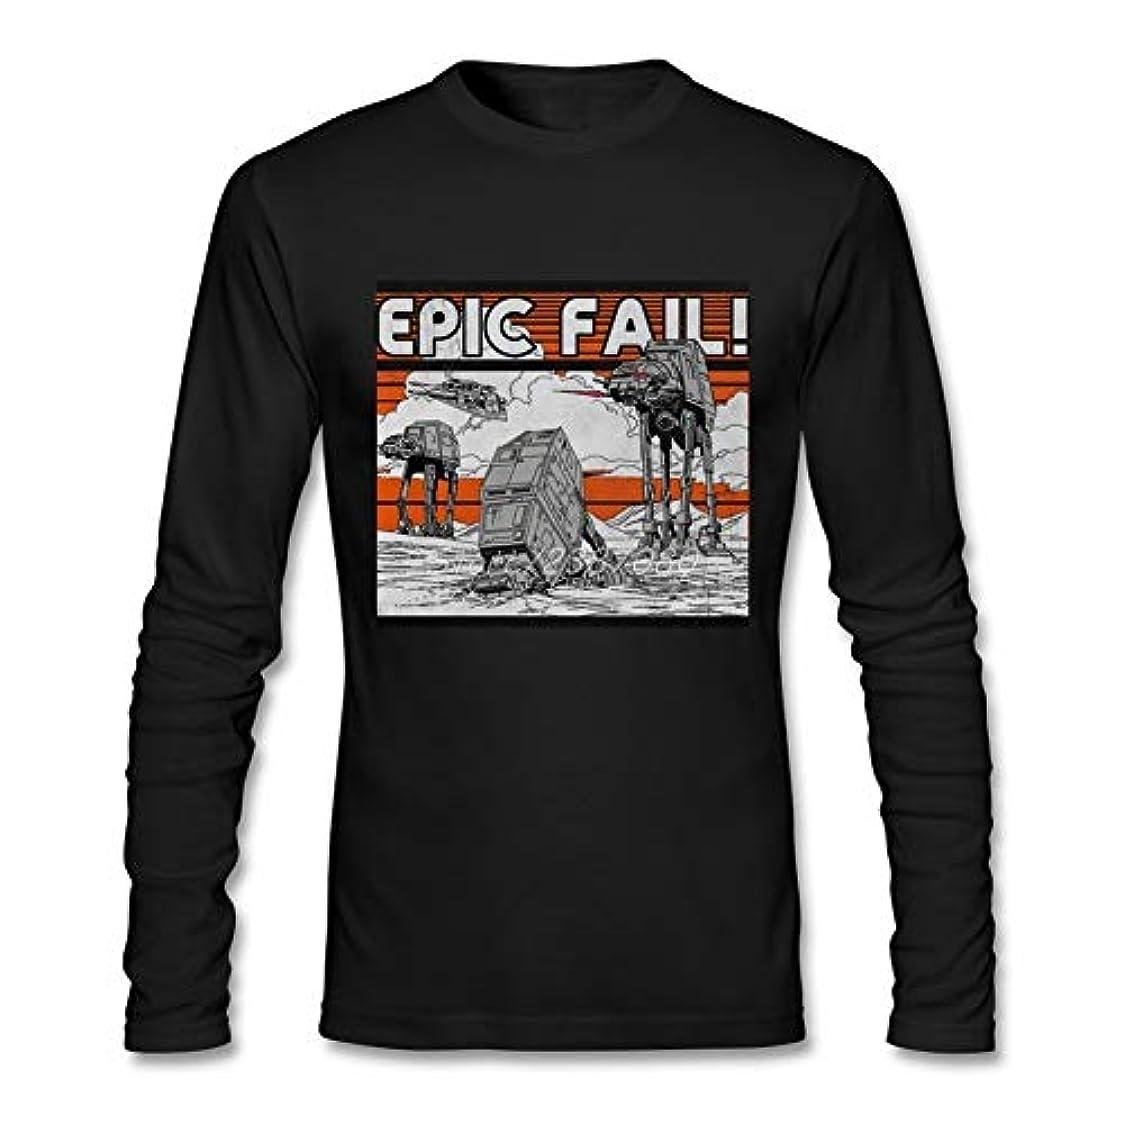 赤手書き何でもAt-at epic failスターウォーズtシャツ男性安い純粋なコットンシャツカスタムロングスリーブビッグサイズtシャツ